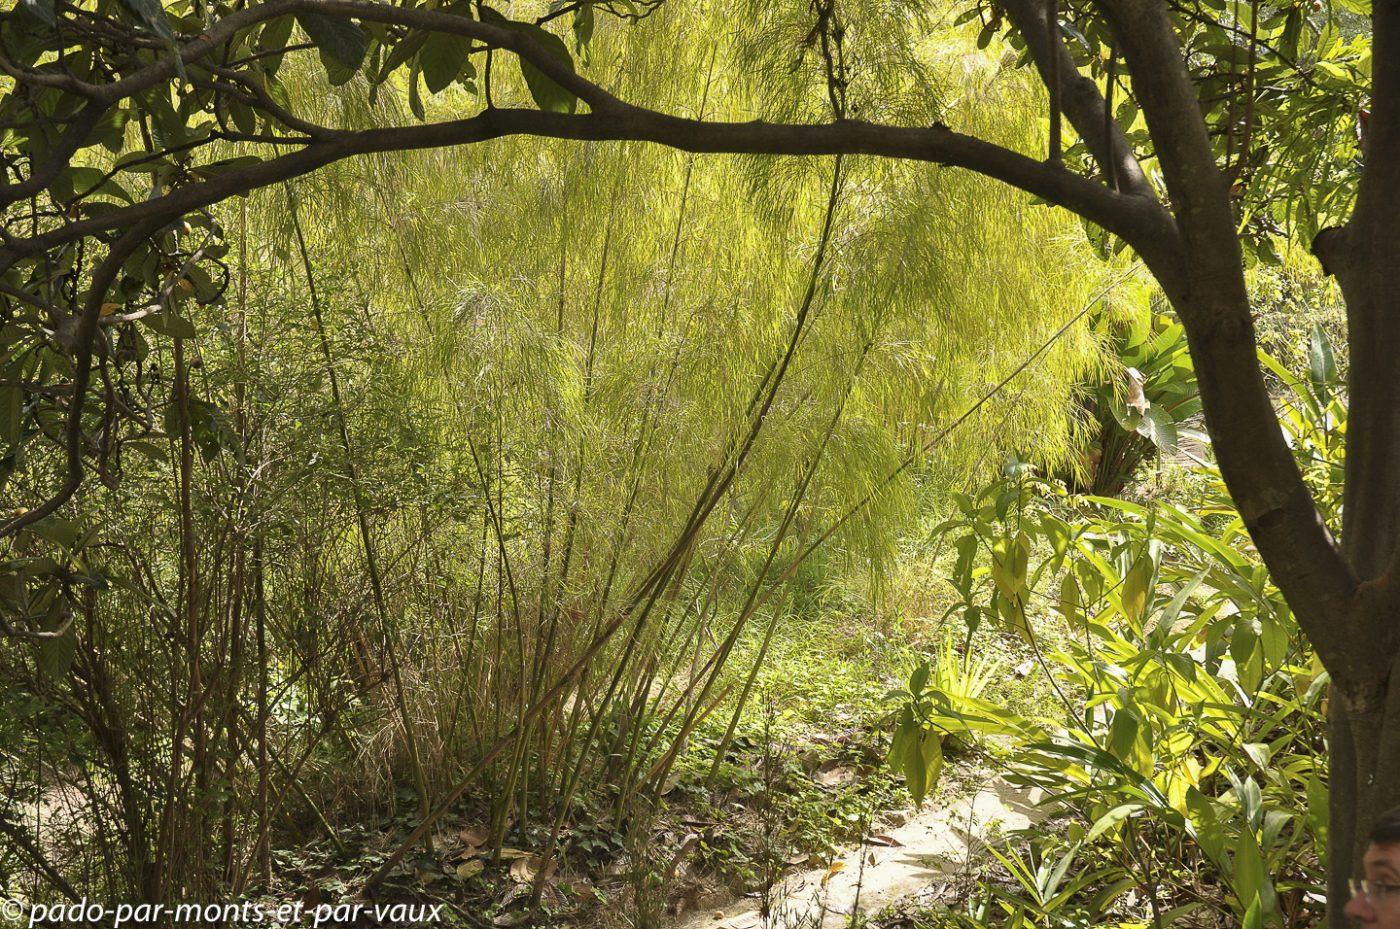 Serre de la Madone - Menton - Otayea acuminata